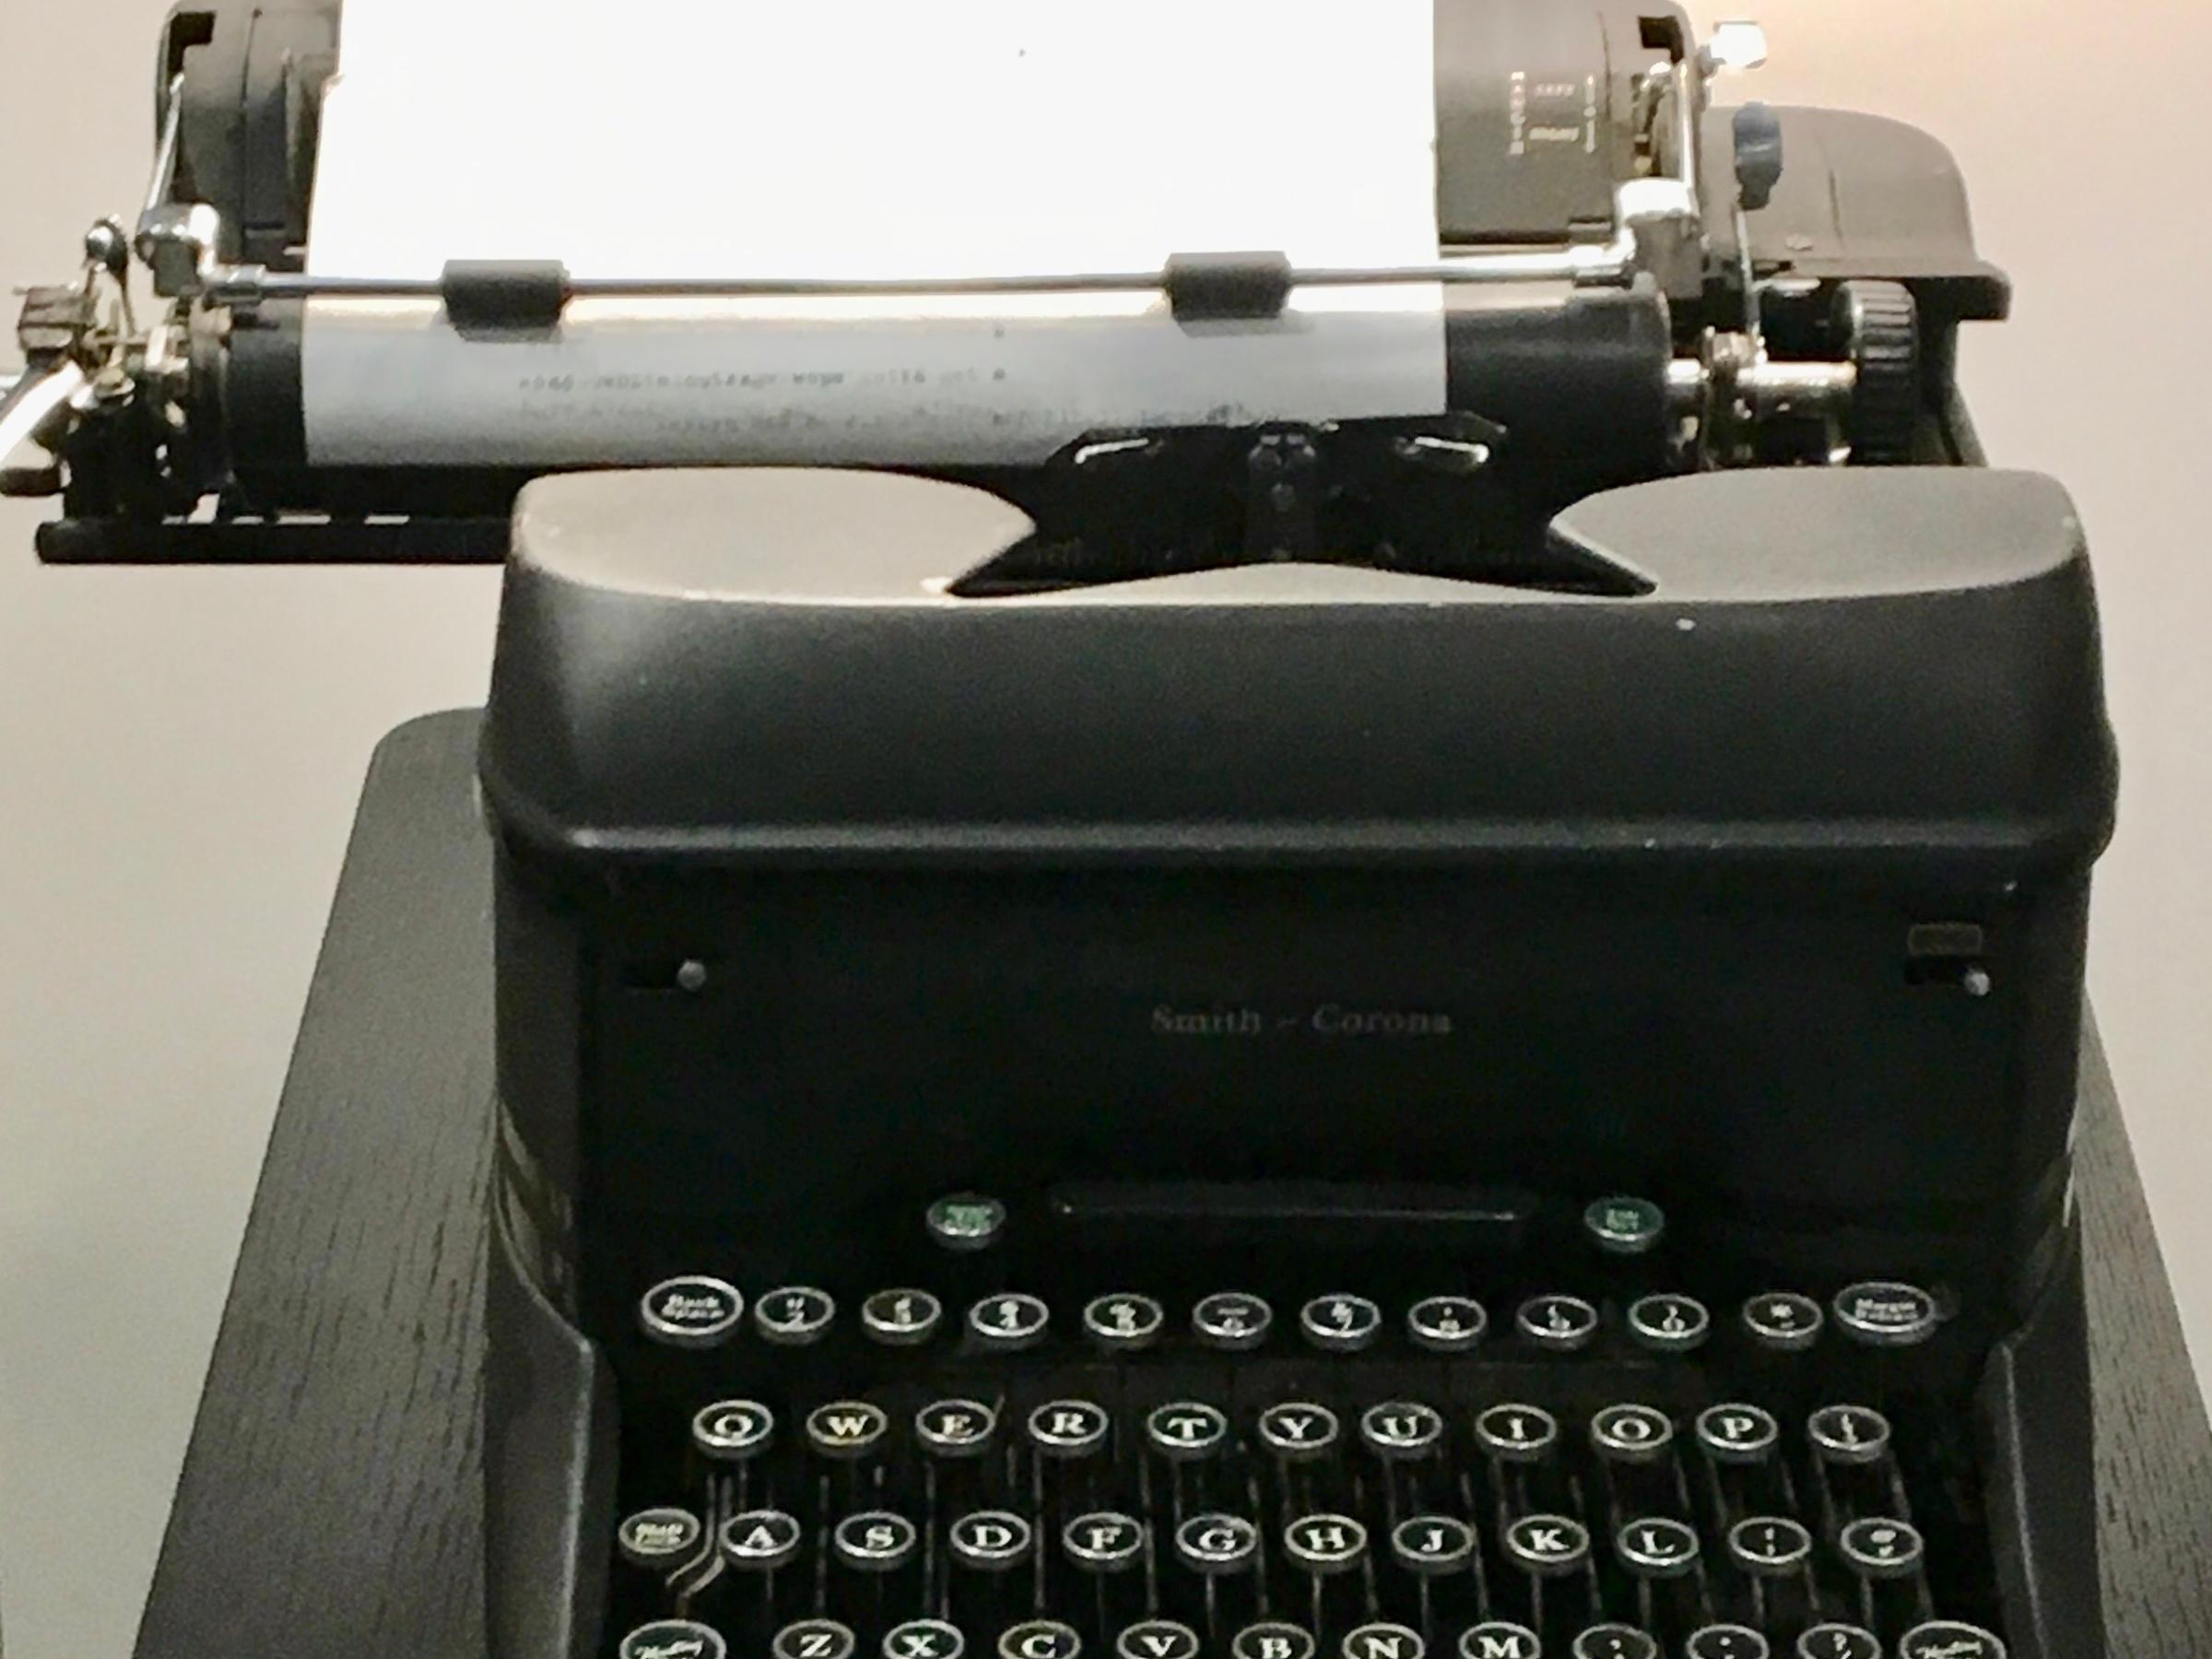 image of vintage typewriter taken at the Boston Globe